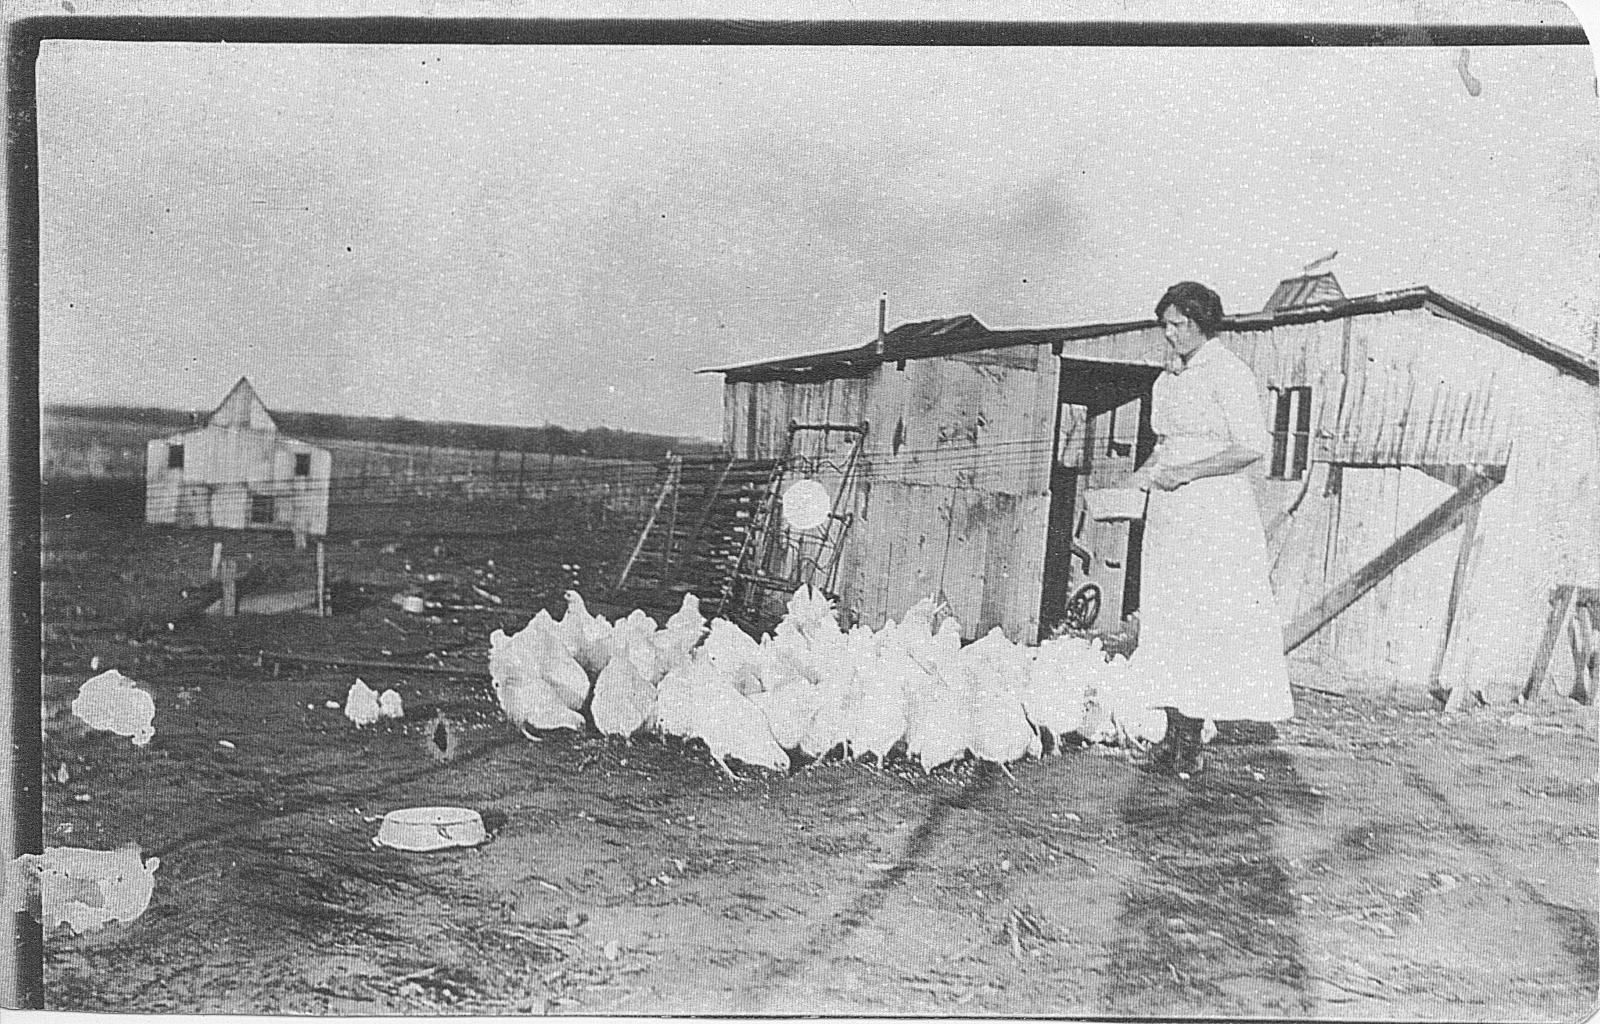 Ruth feeding chickens